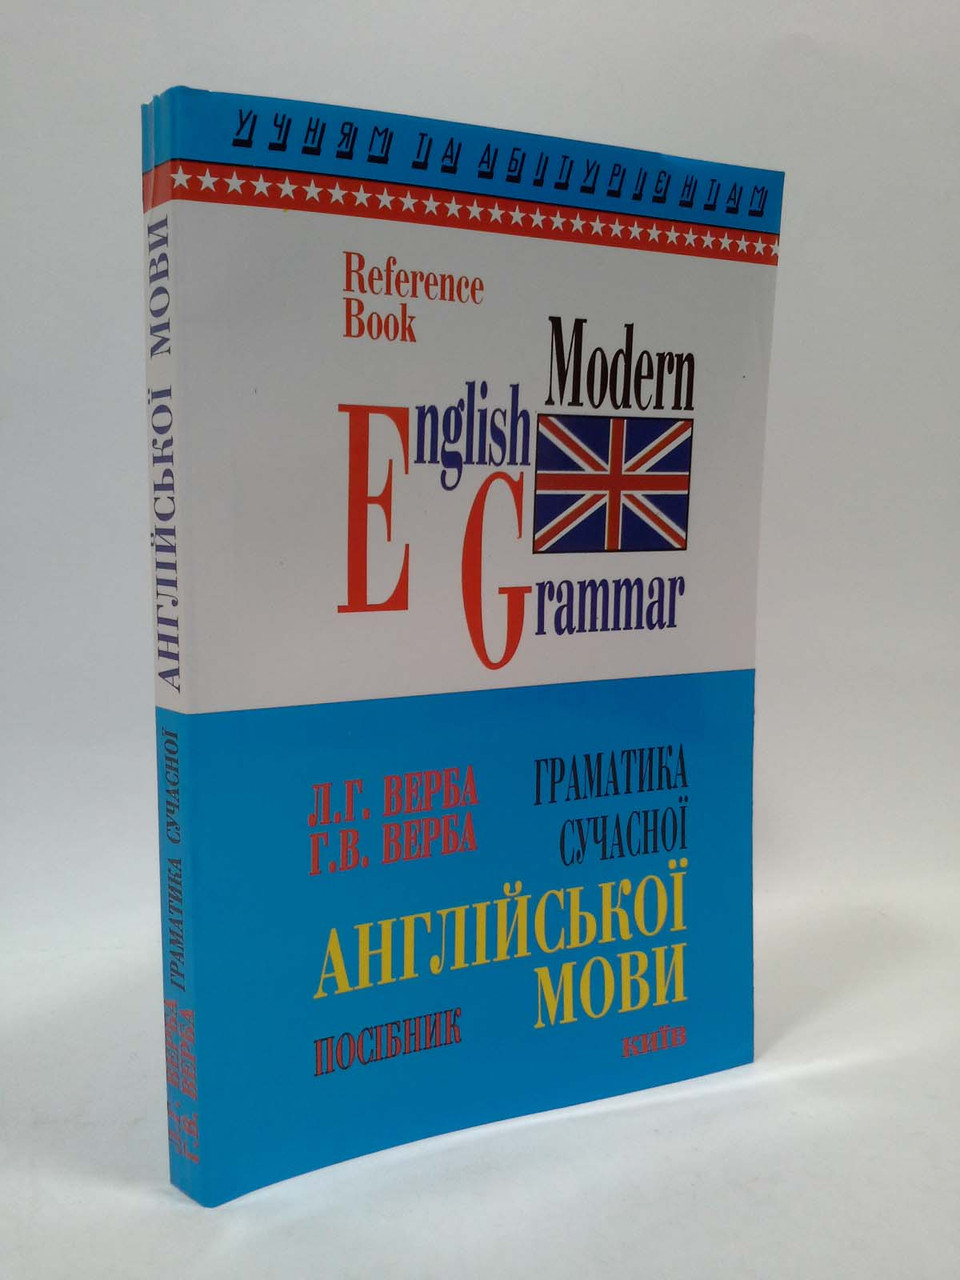 Граматика сучасної англійської мови. Верба. Логос